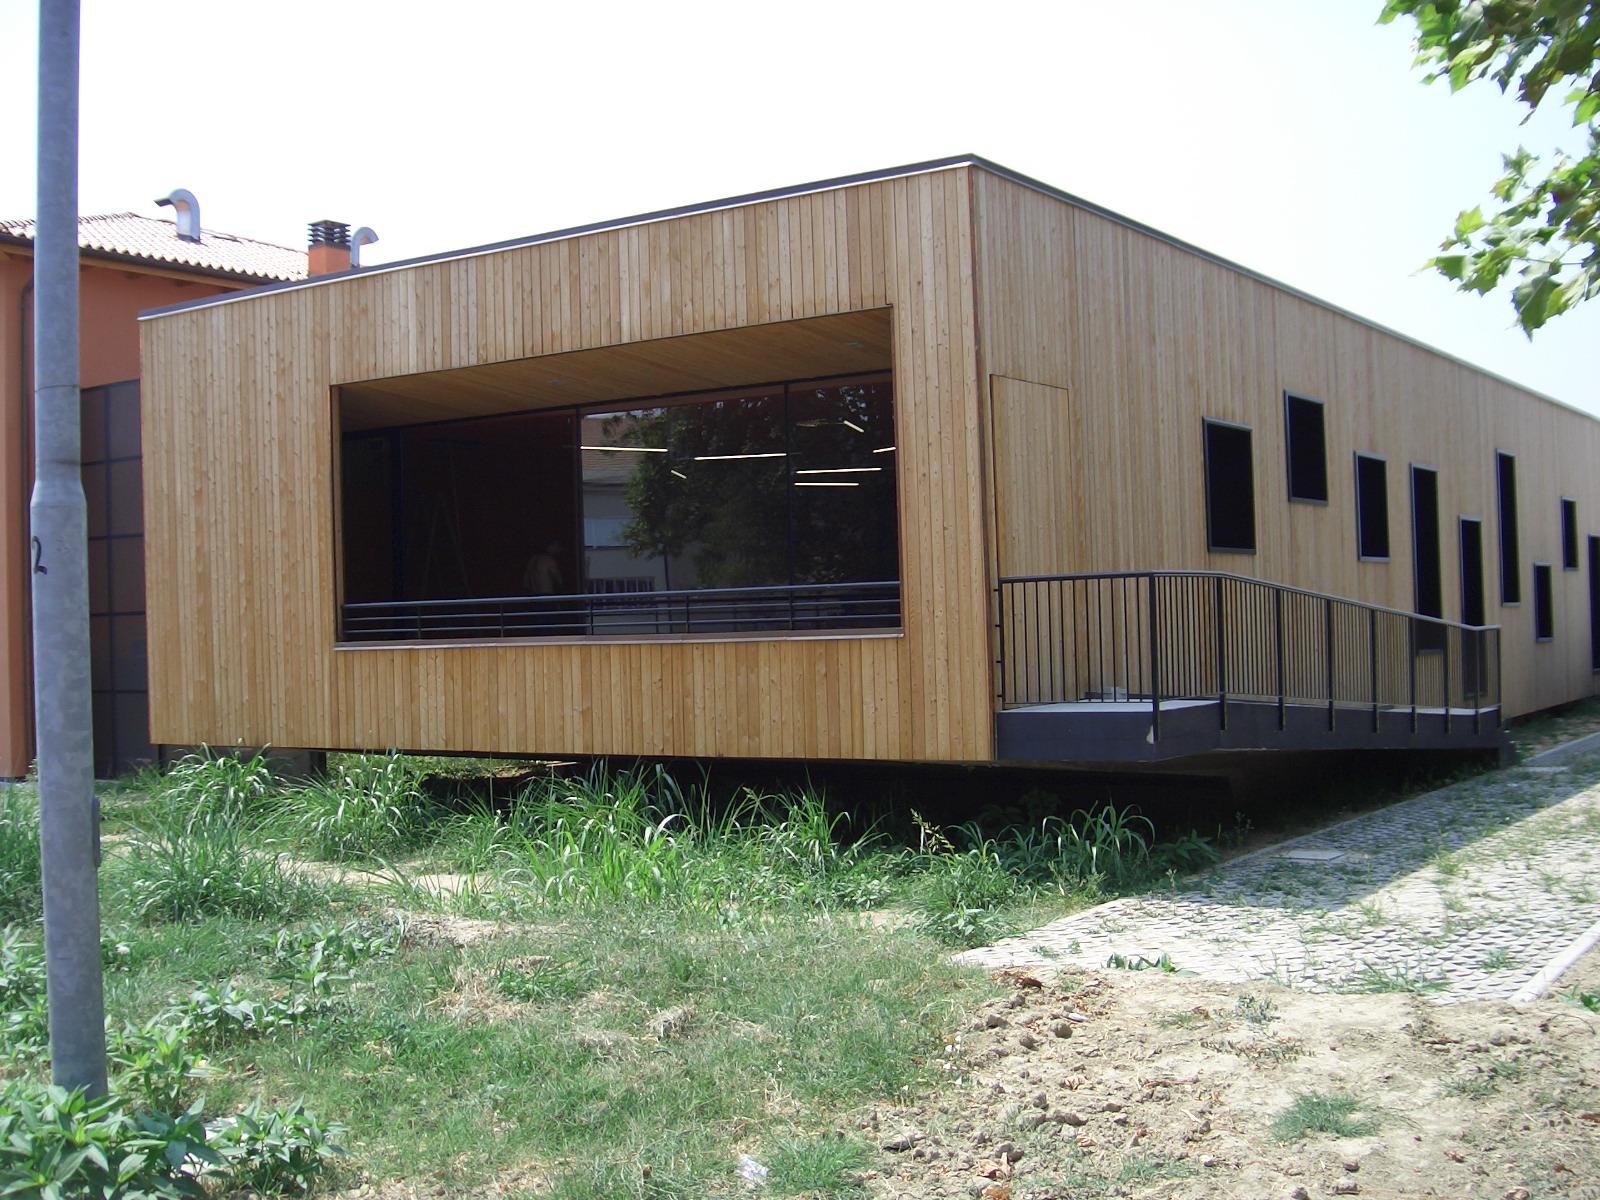 Casa immobiliare accessori rivestimento esterno - Rivestimenti esterni bricoman ...